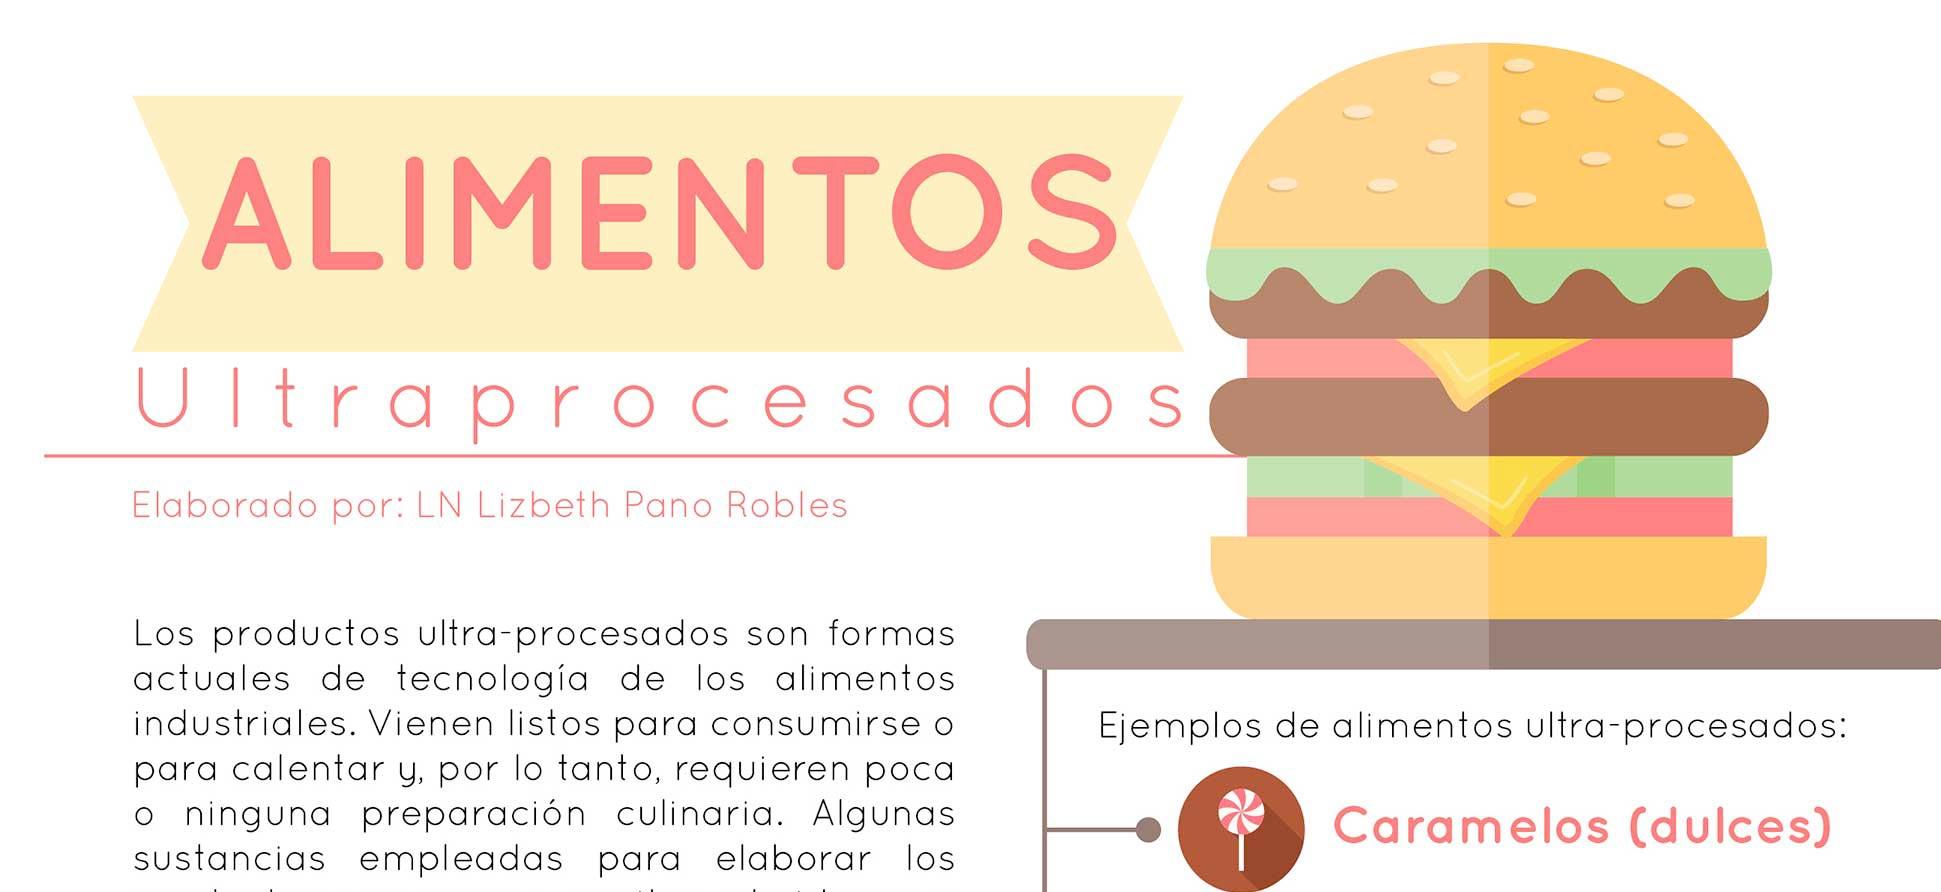 Alimentos Ultraprocesados